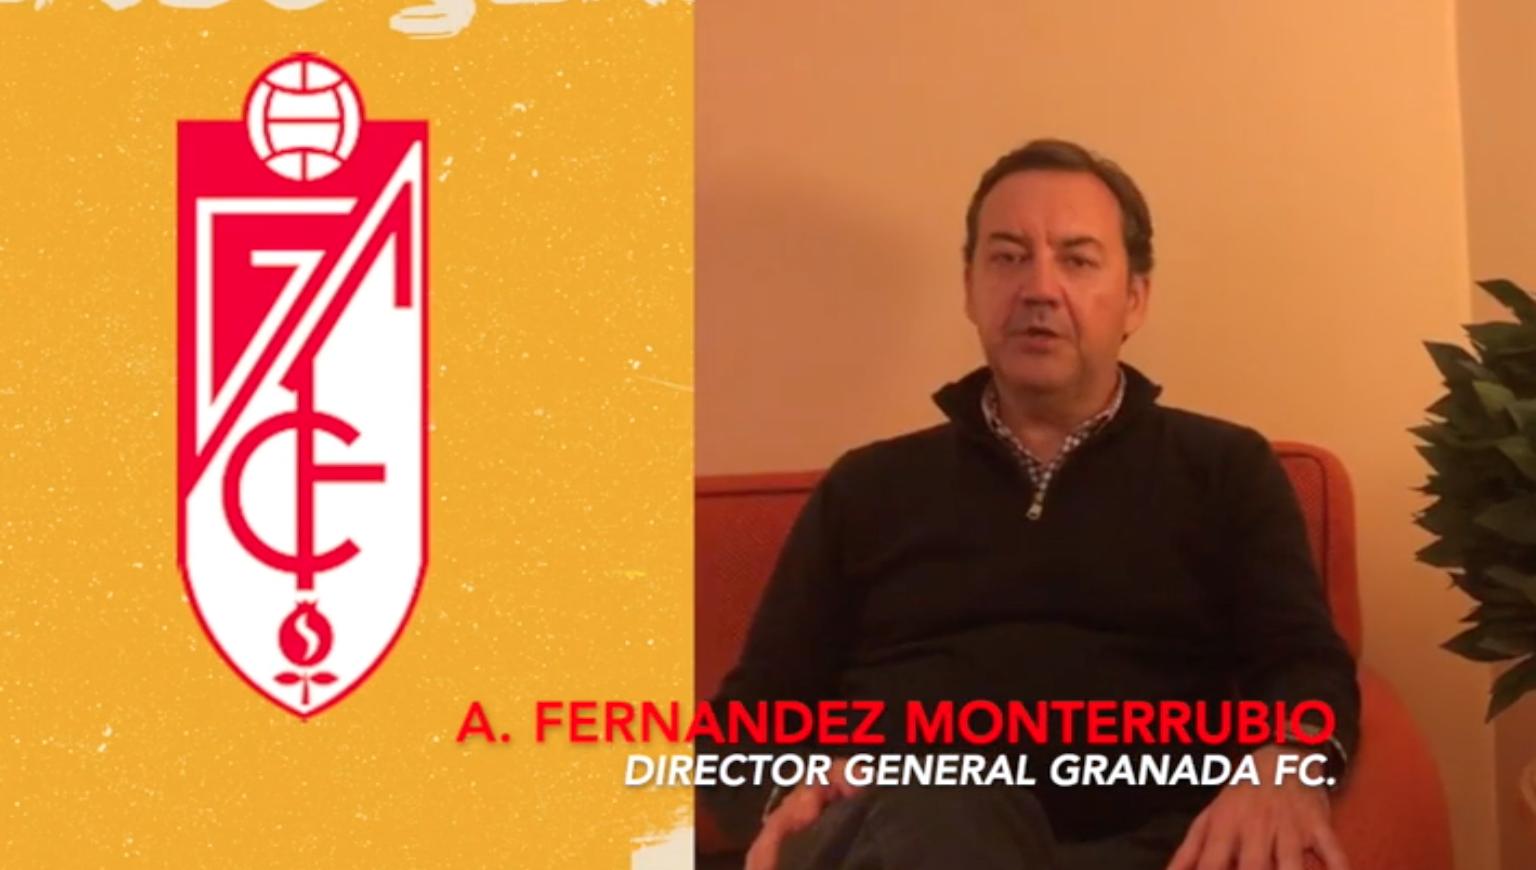 SALUDO DE ANTONIO FERNÁNDEZ, DIRECTOR GENERAL DEL CLUB GRANDA PARA ANTONIO CORDÓN.